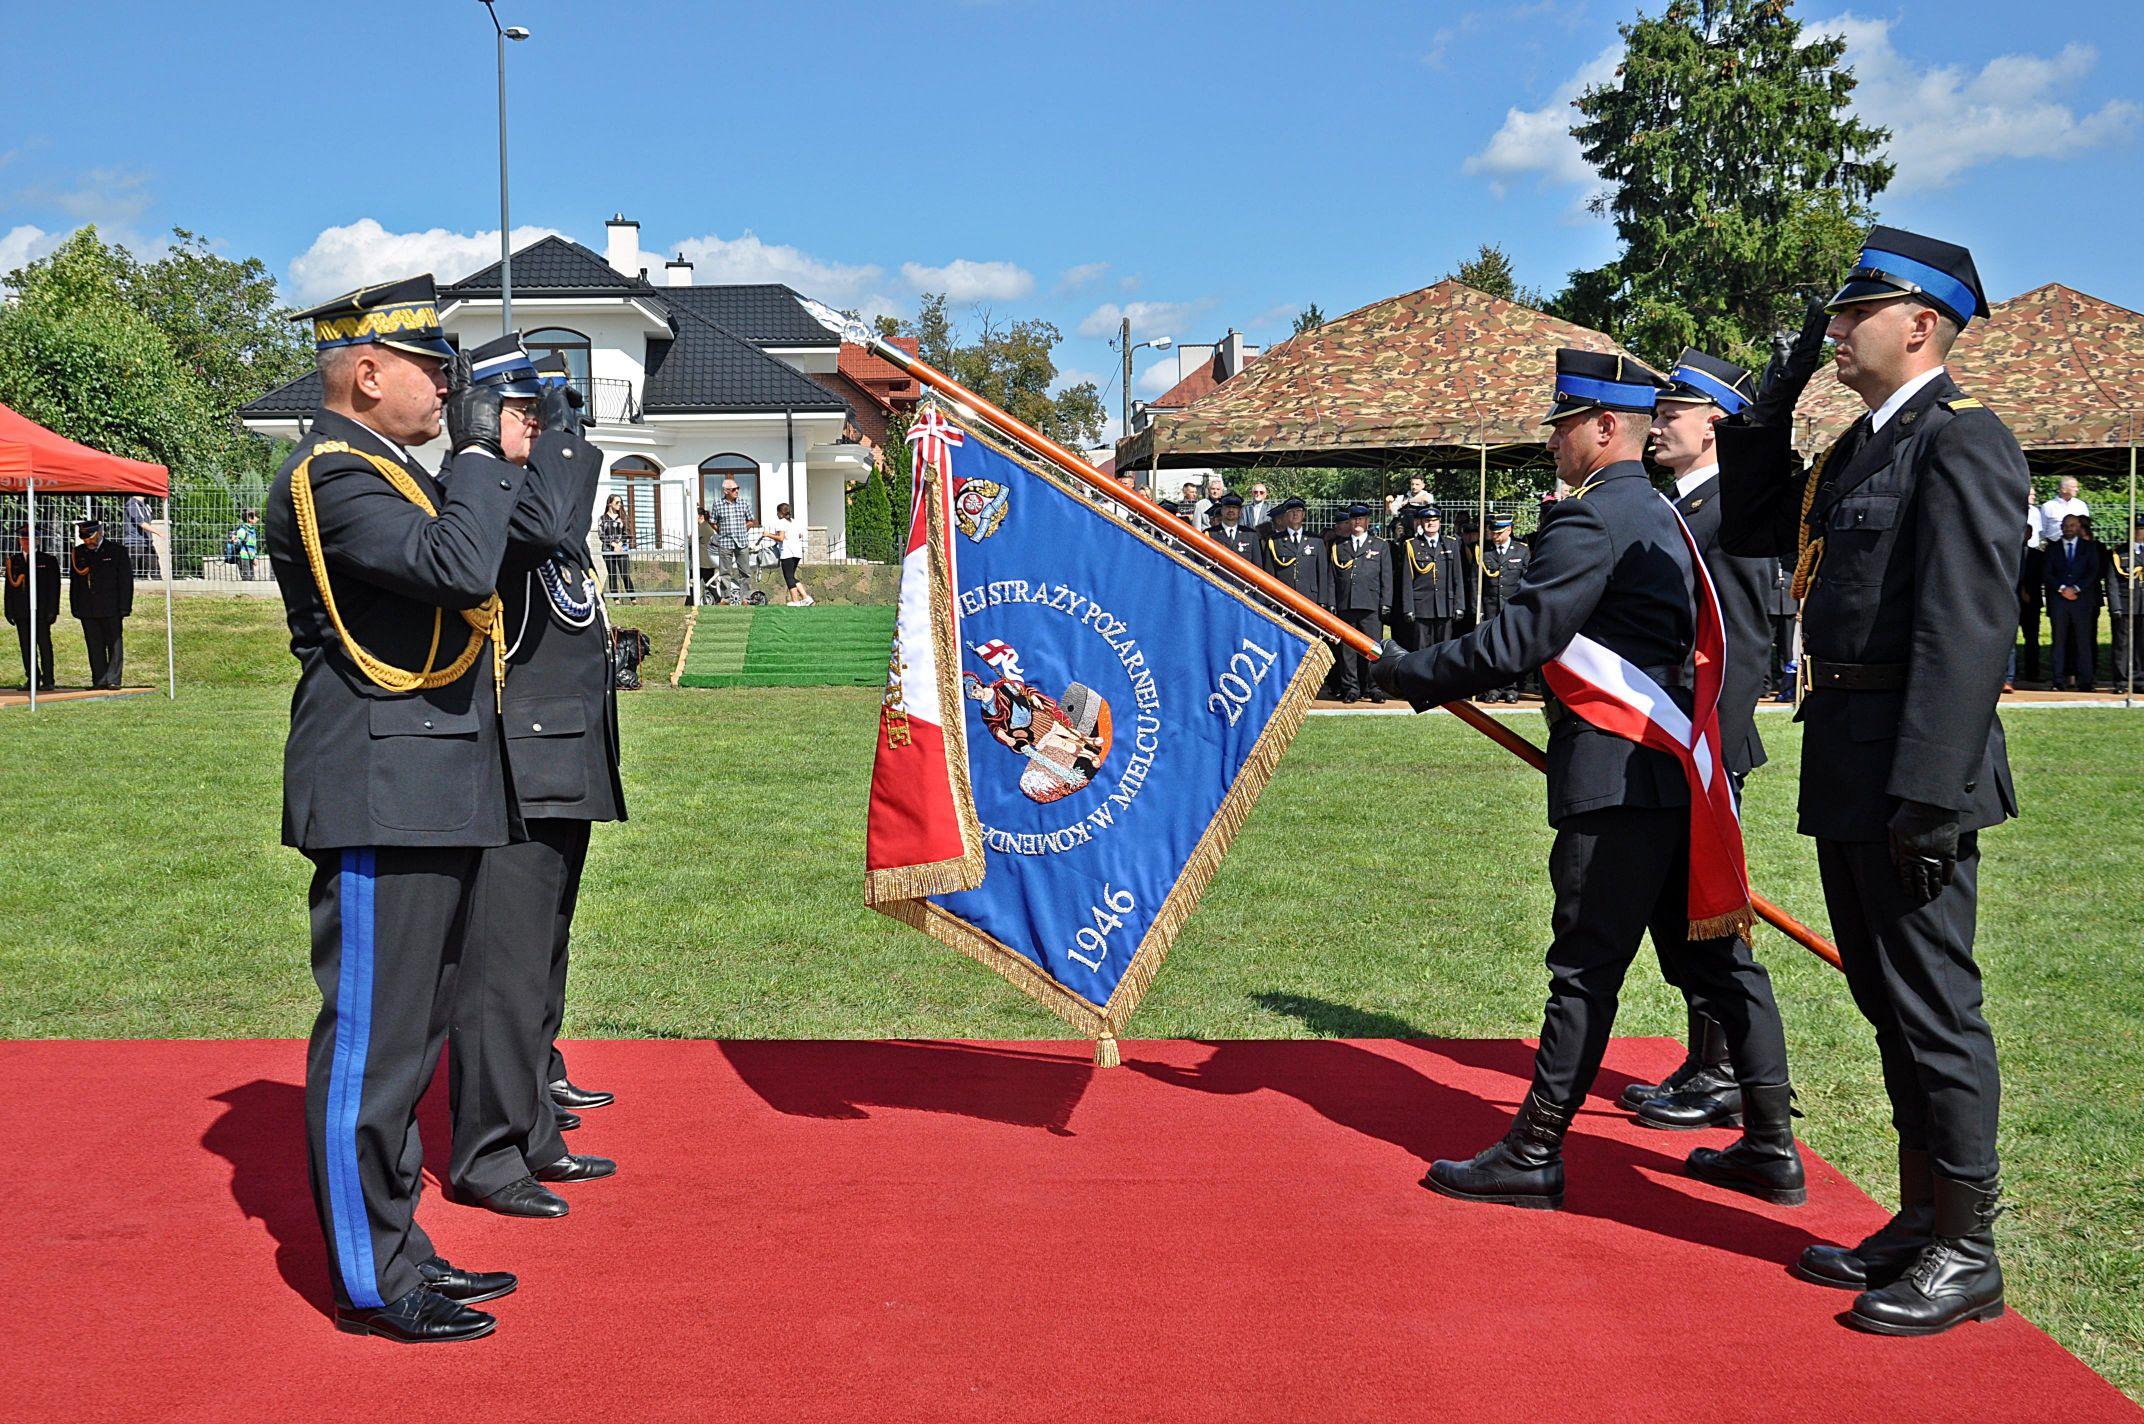 Z REGIONU. Mieleccy strażacy świętowali 75-lecie pożarnictwa [ZDJĘCIA - WIDEO] - Zdjęcie główne